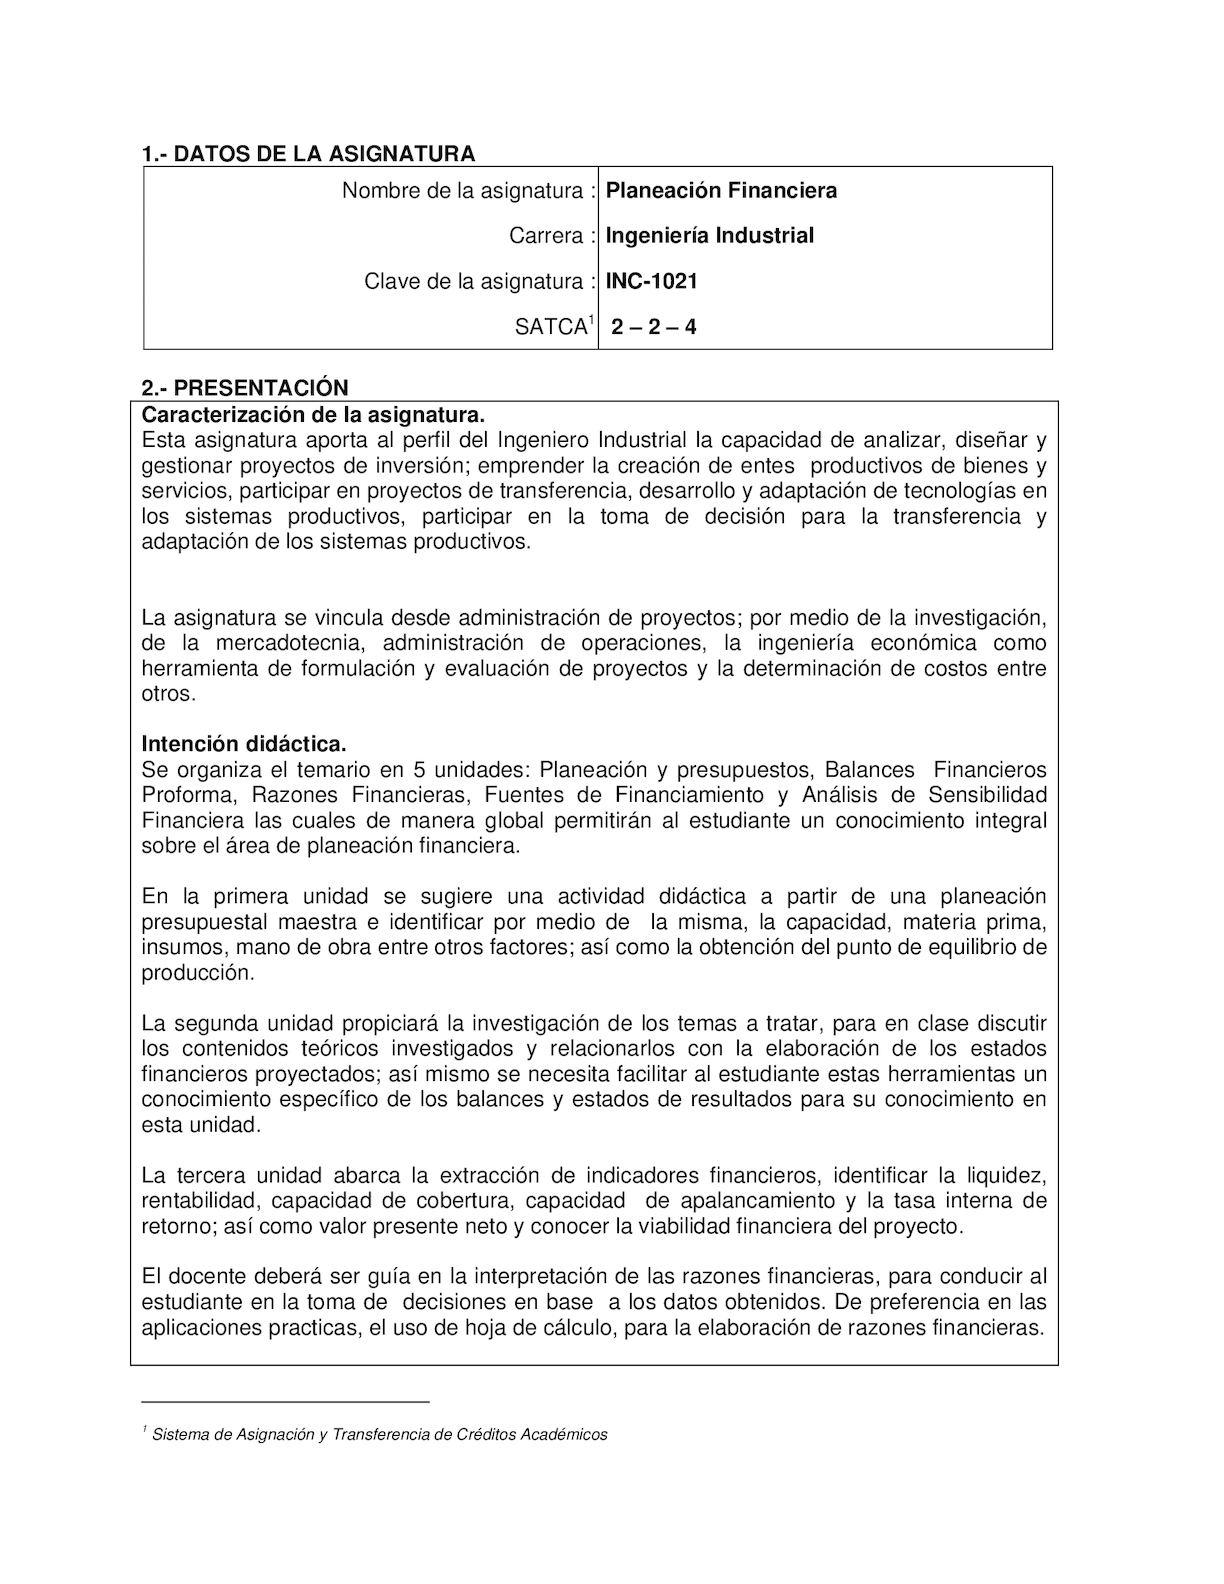 Calaméo - Planeación Financiera Ingenieria Industrial